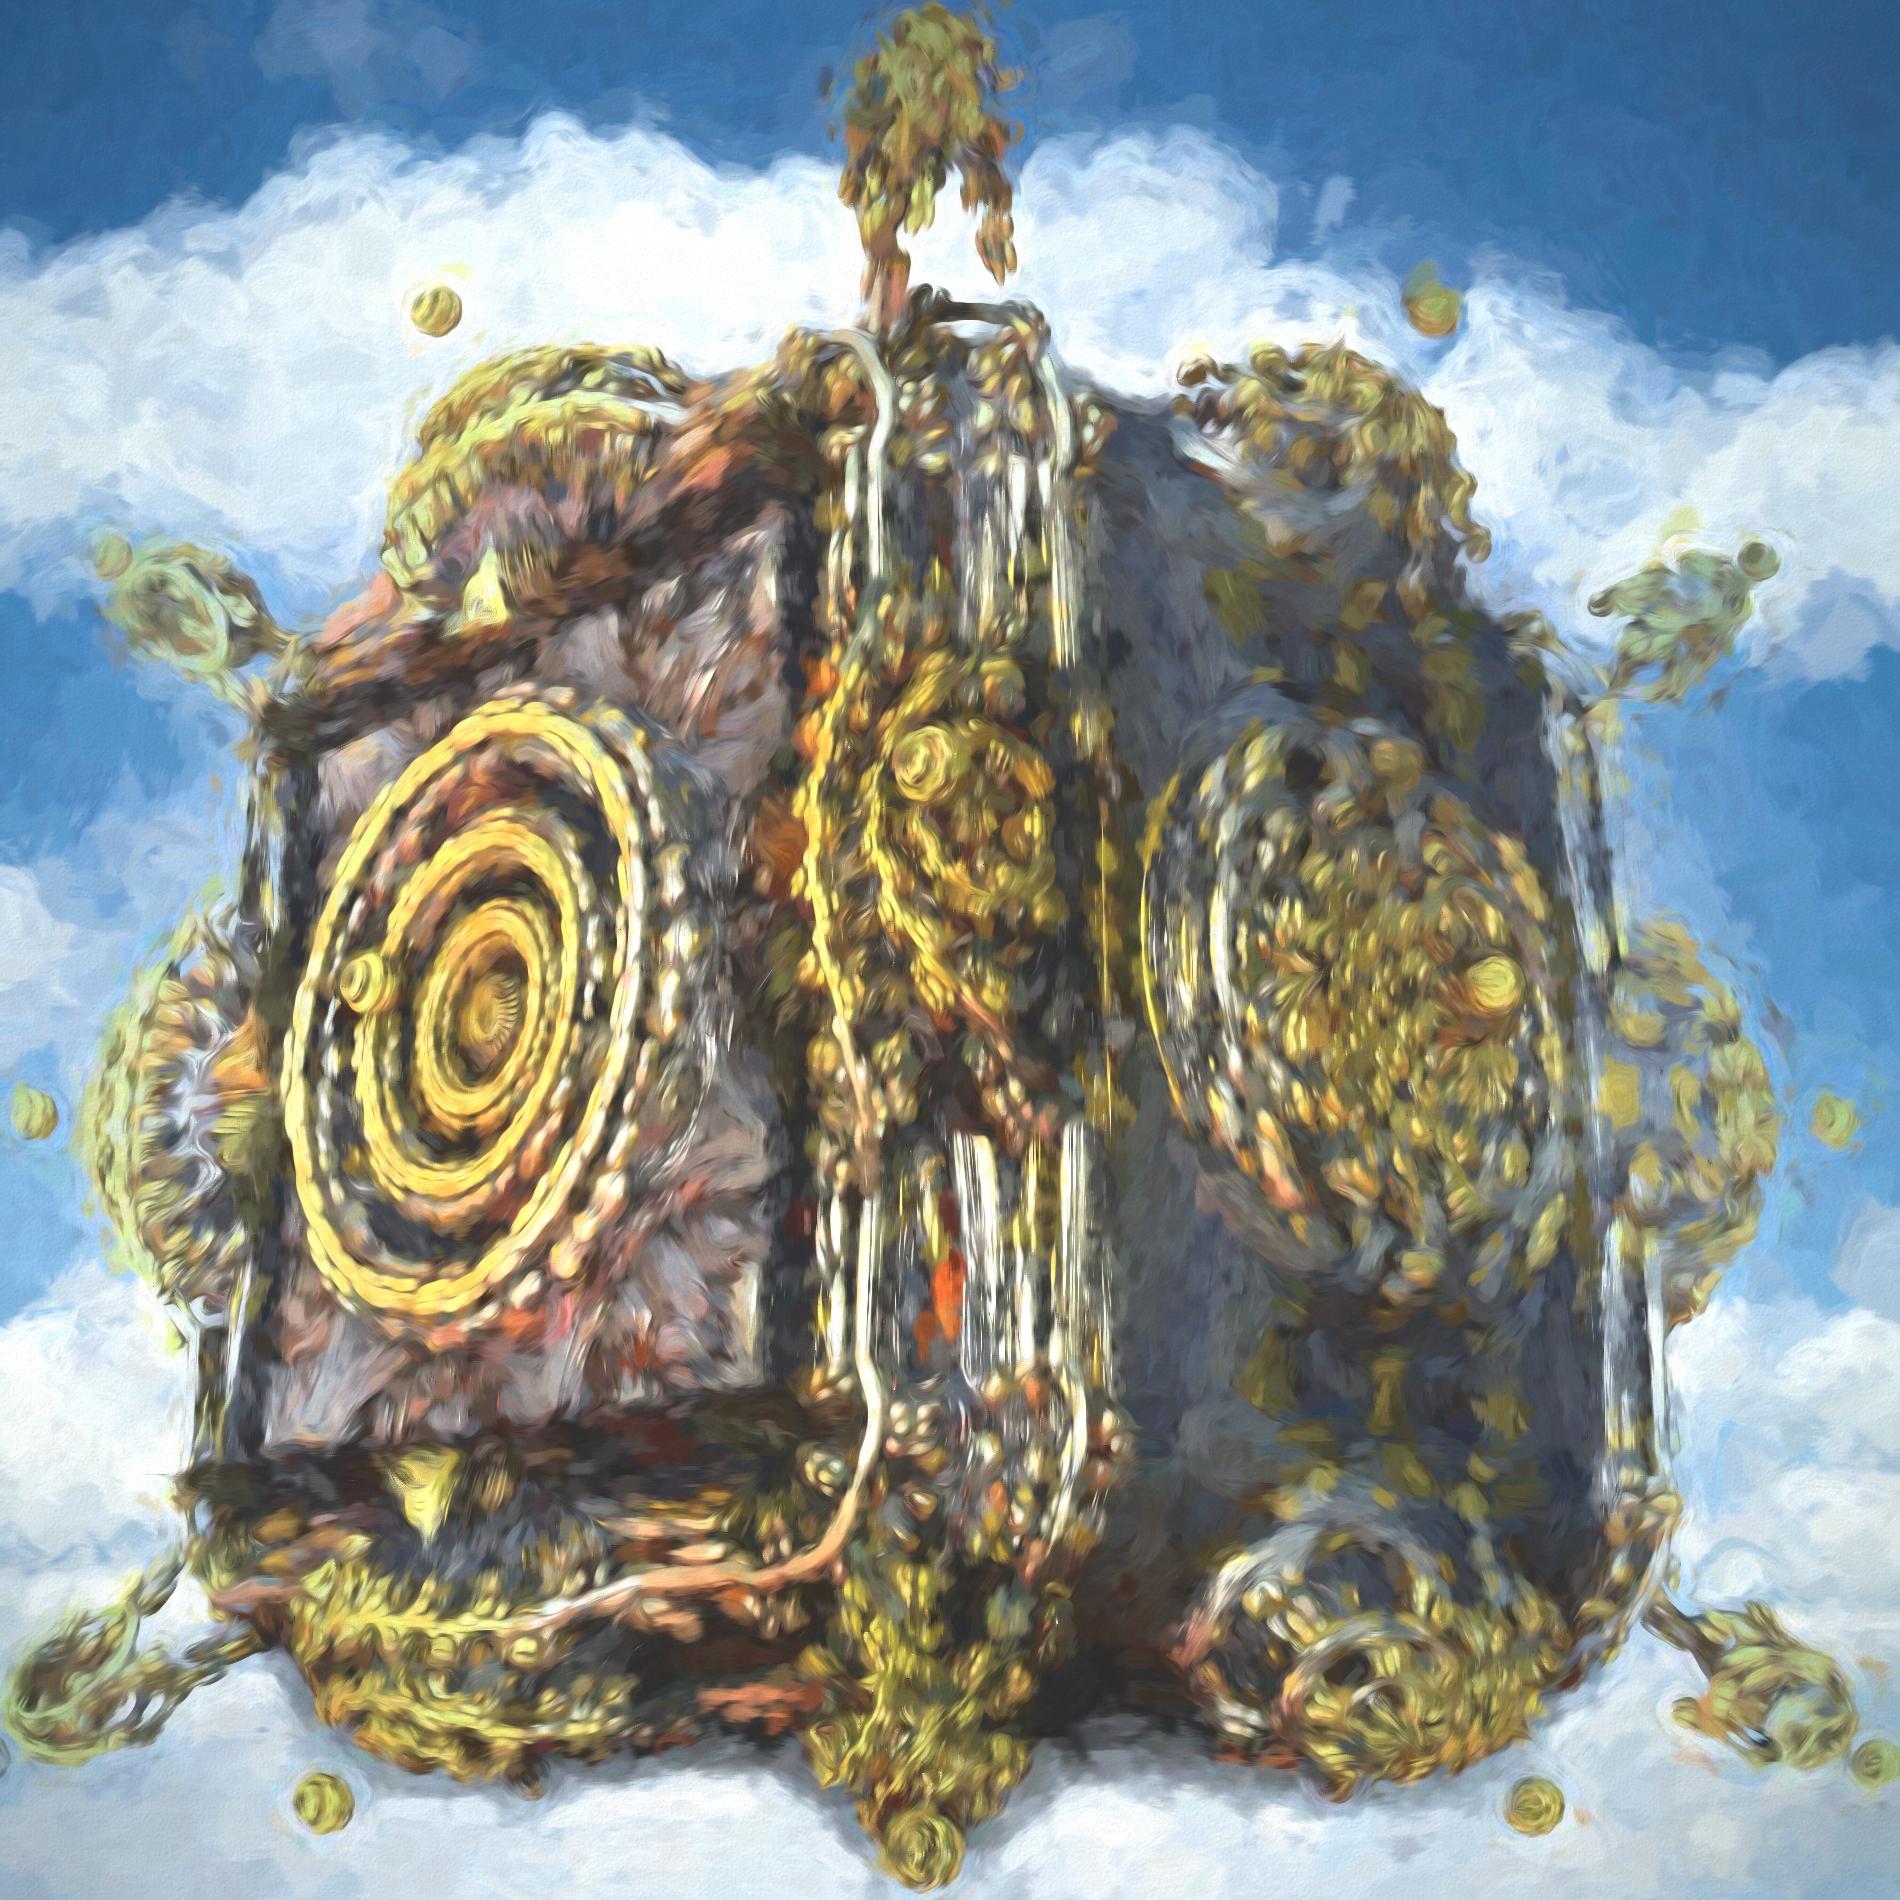 空に浮かぶ神秘的な寺院&ミステリアス:水彩